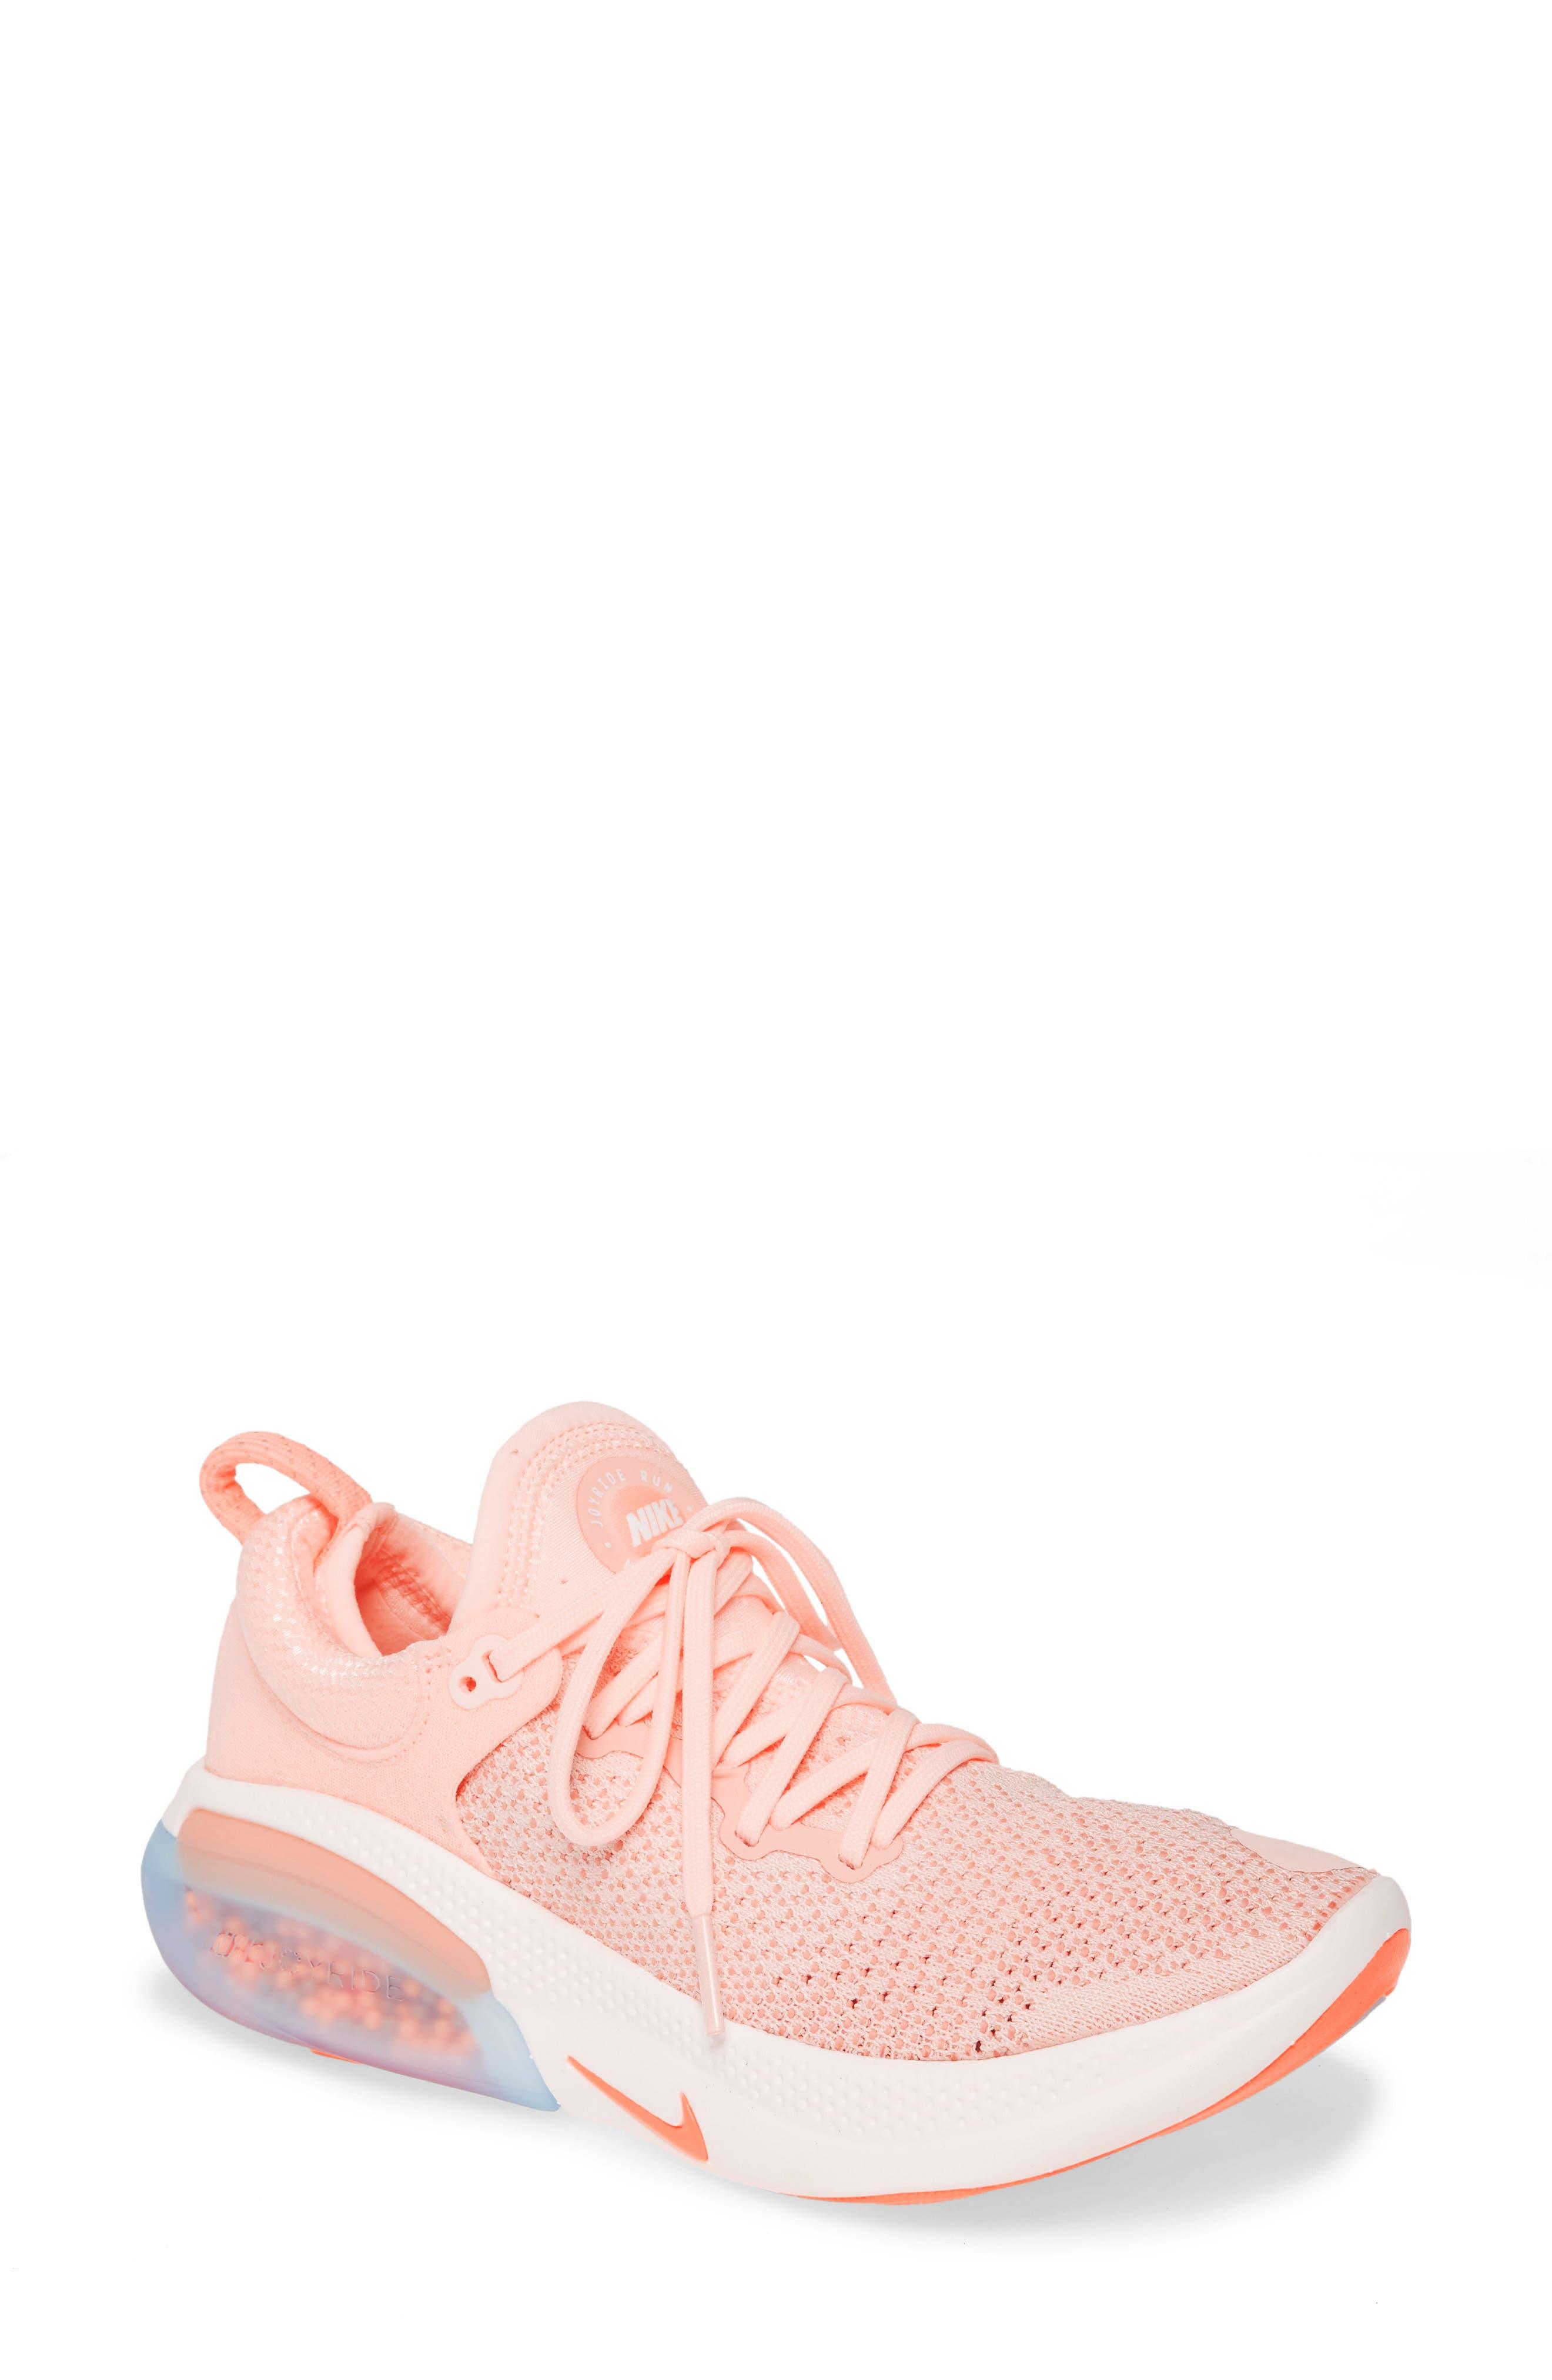 Women's Nike | Nordstrom